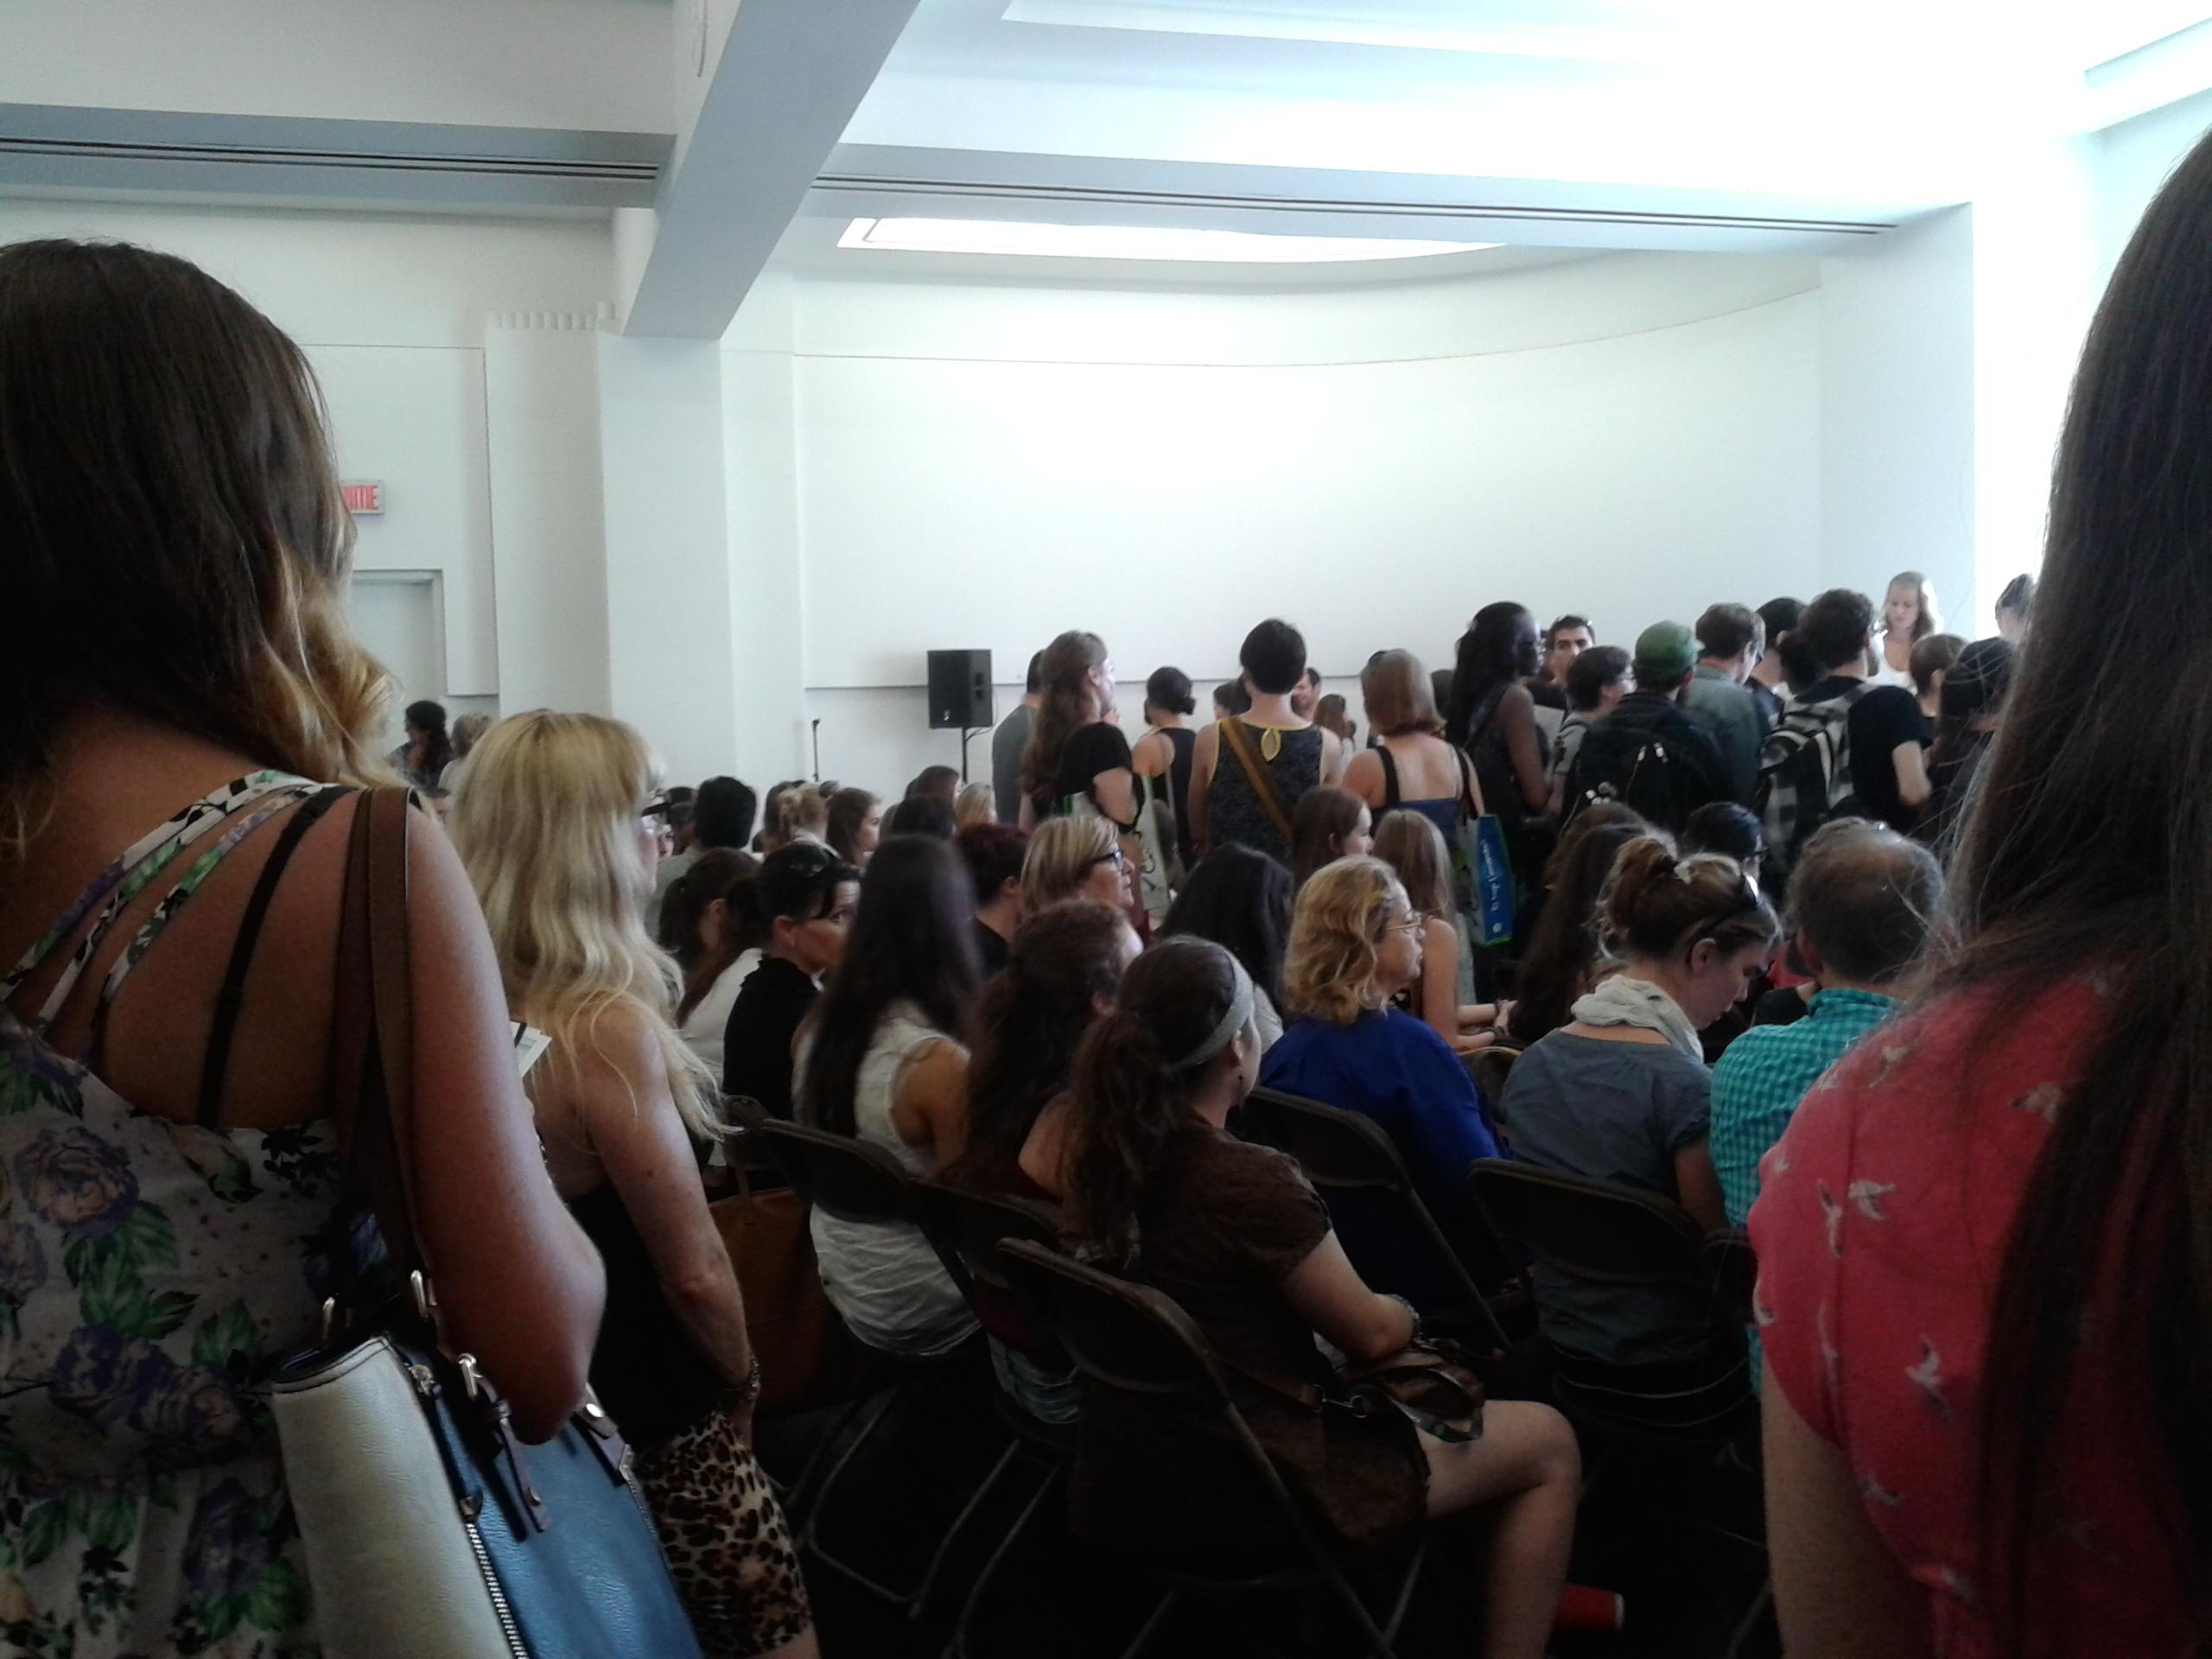 Quand je dis que la salle était pleine, c'est pas des blagues!